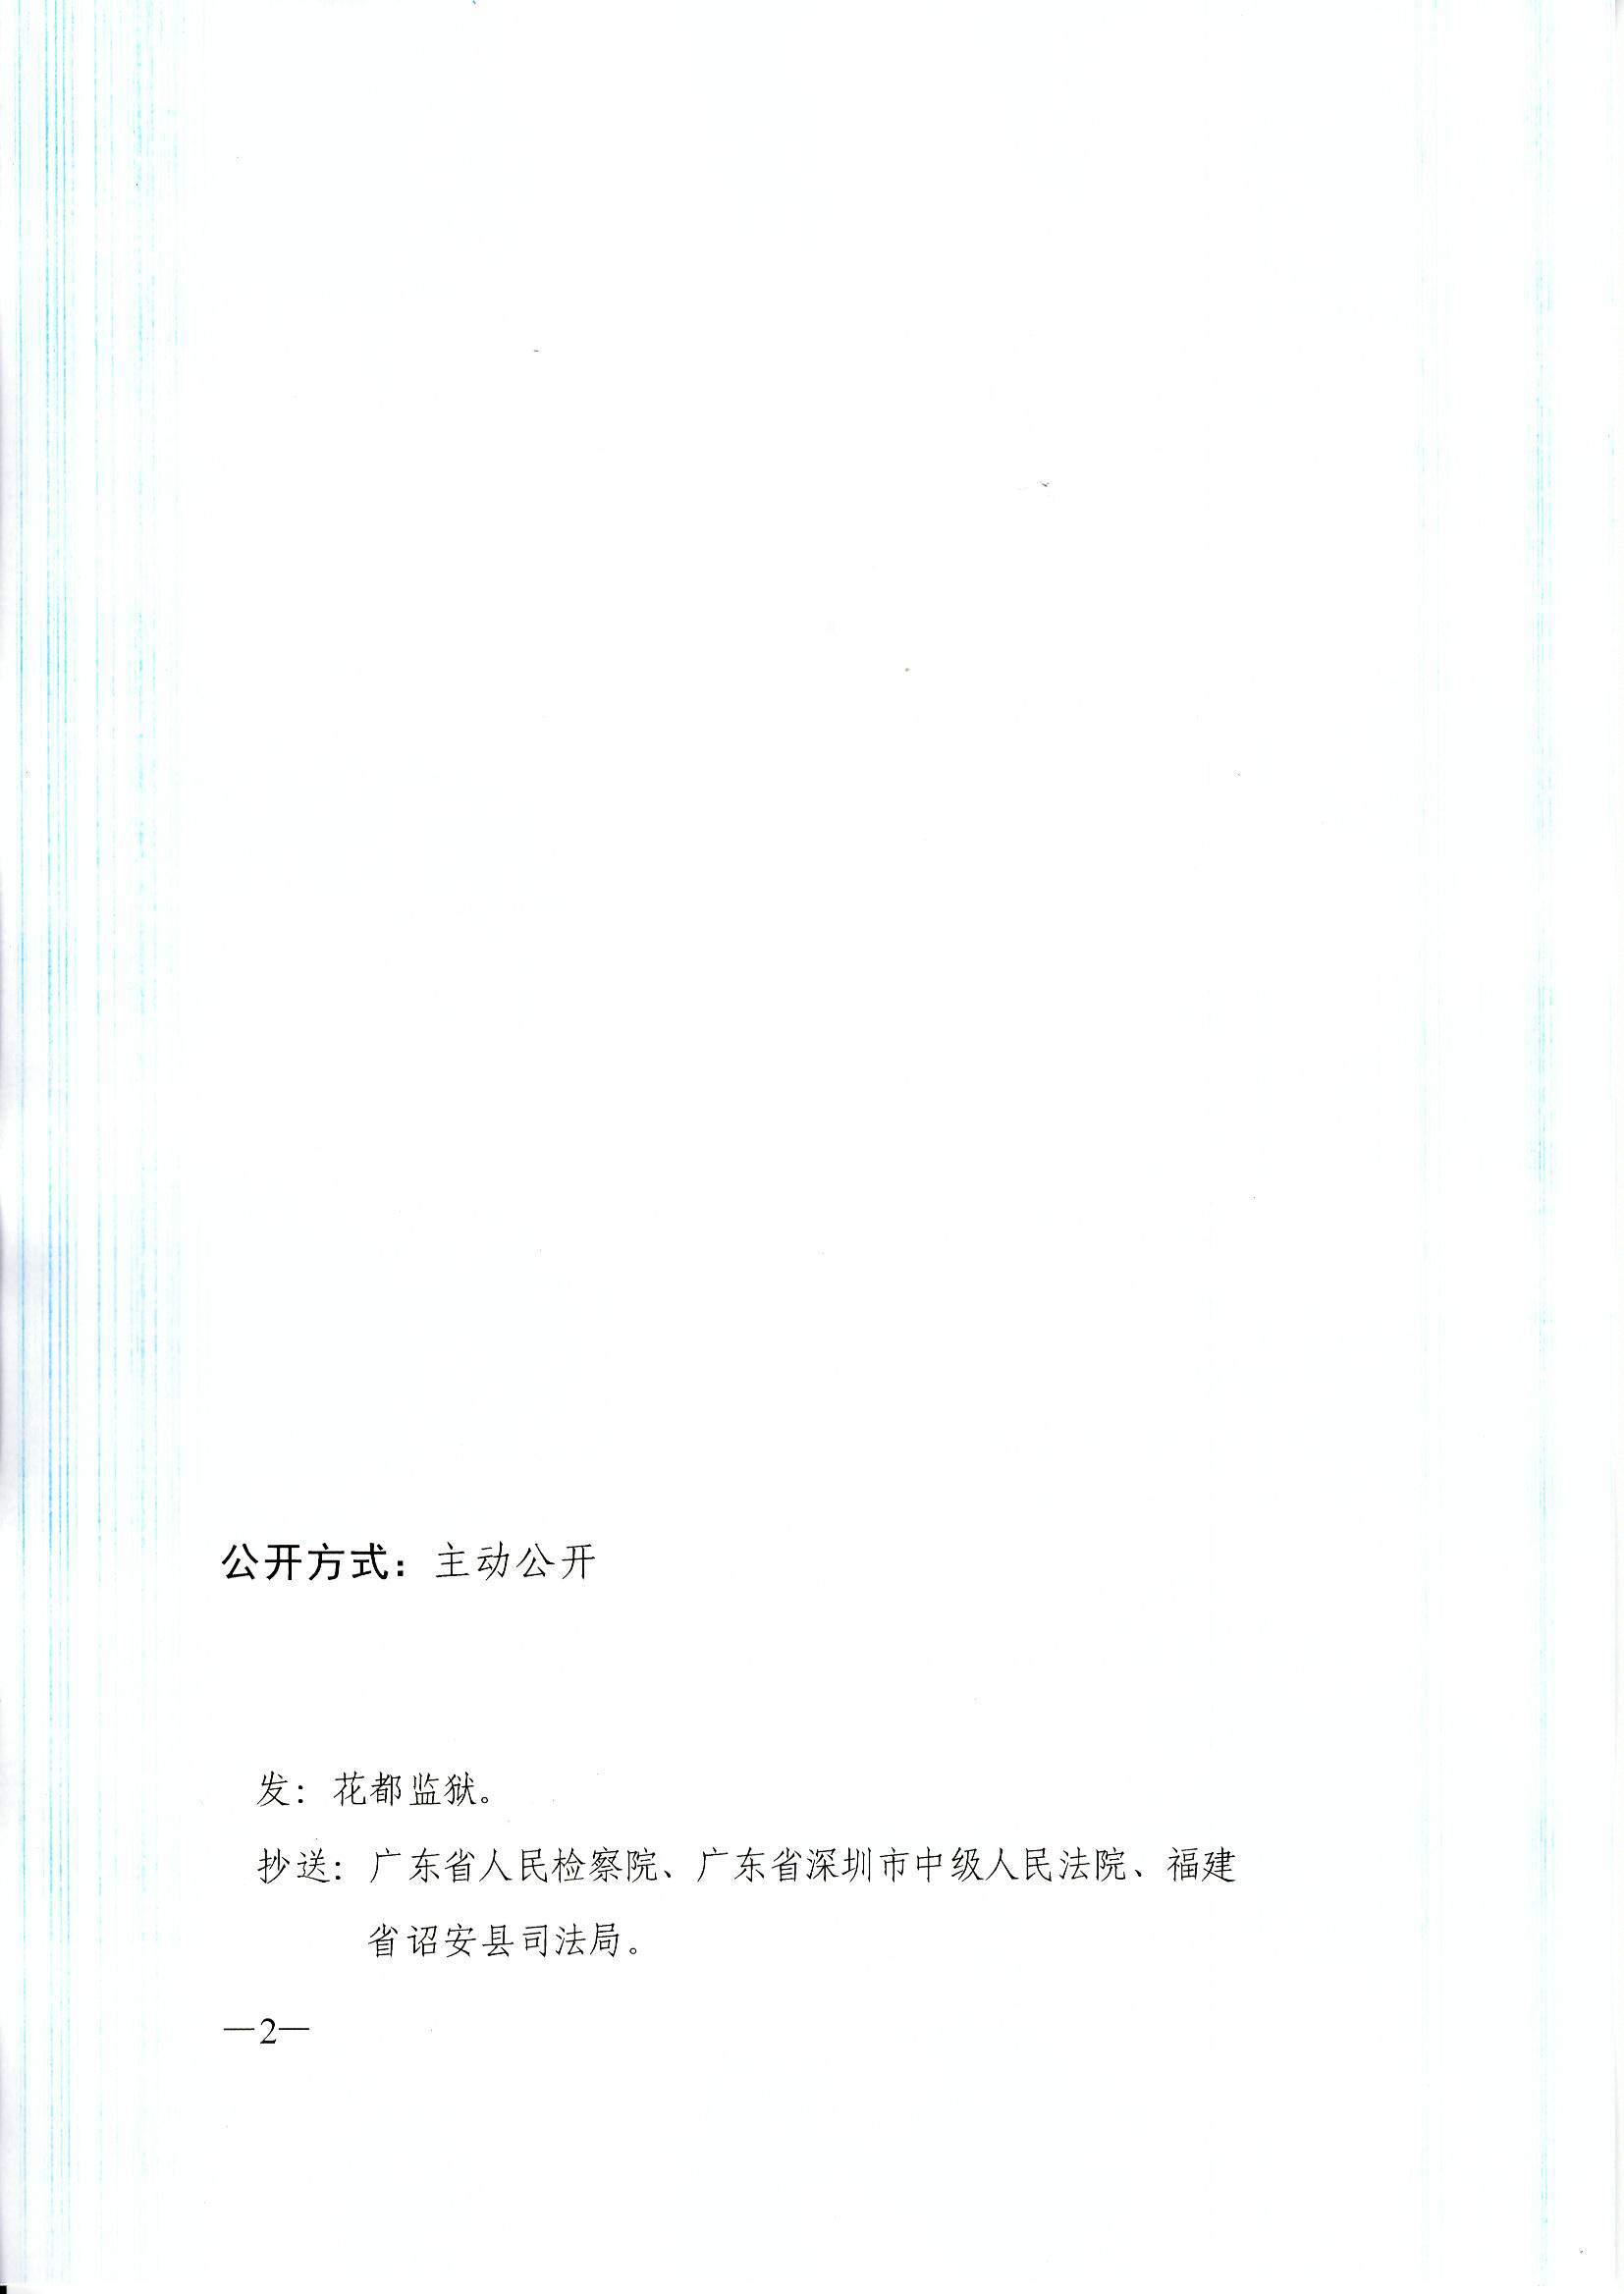 罪犯陈特祥暂予监外执行决定书2.jpg